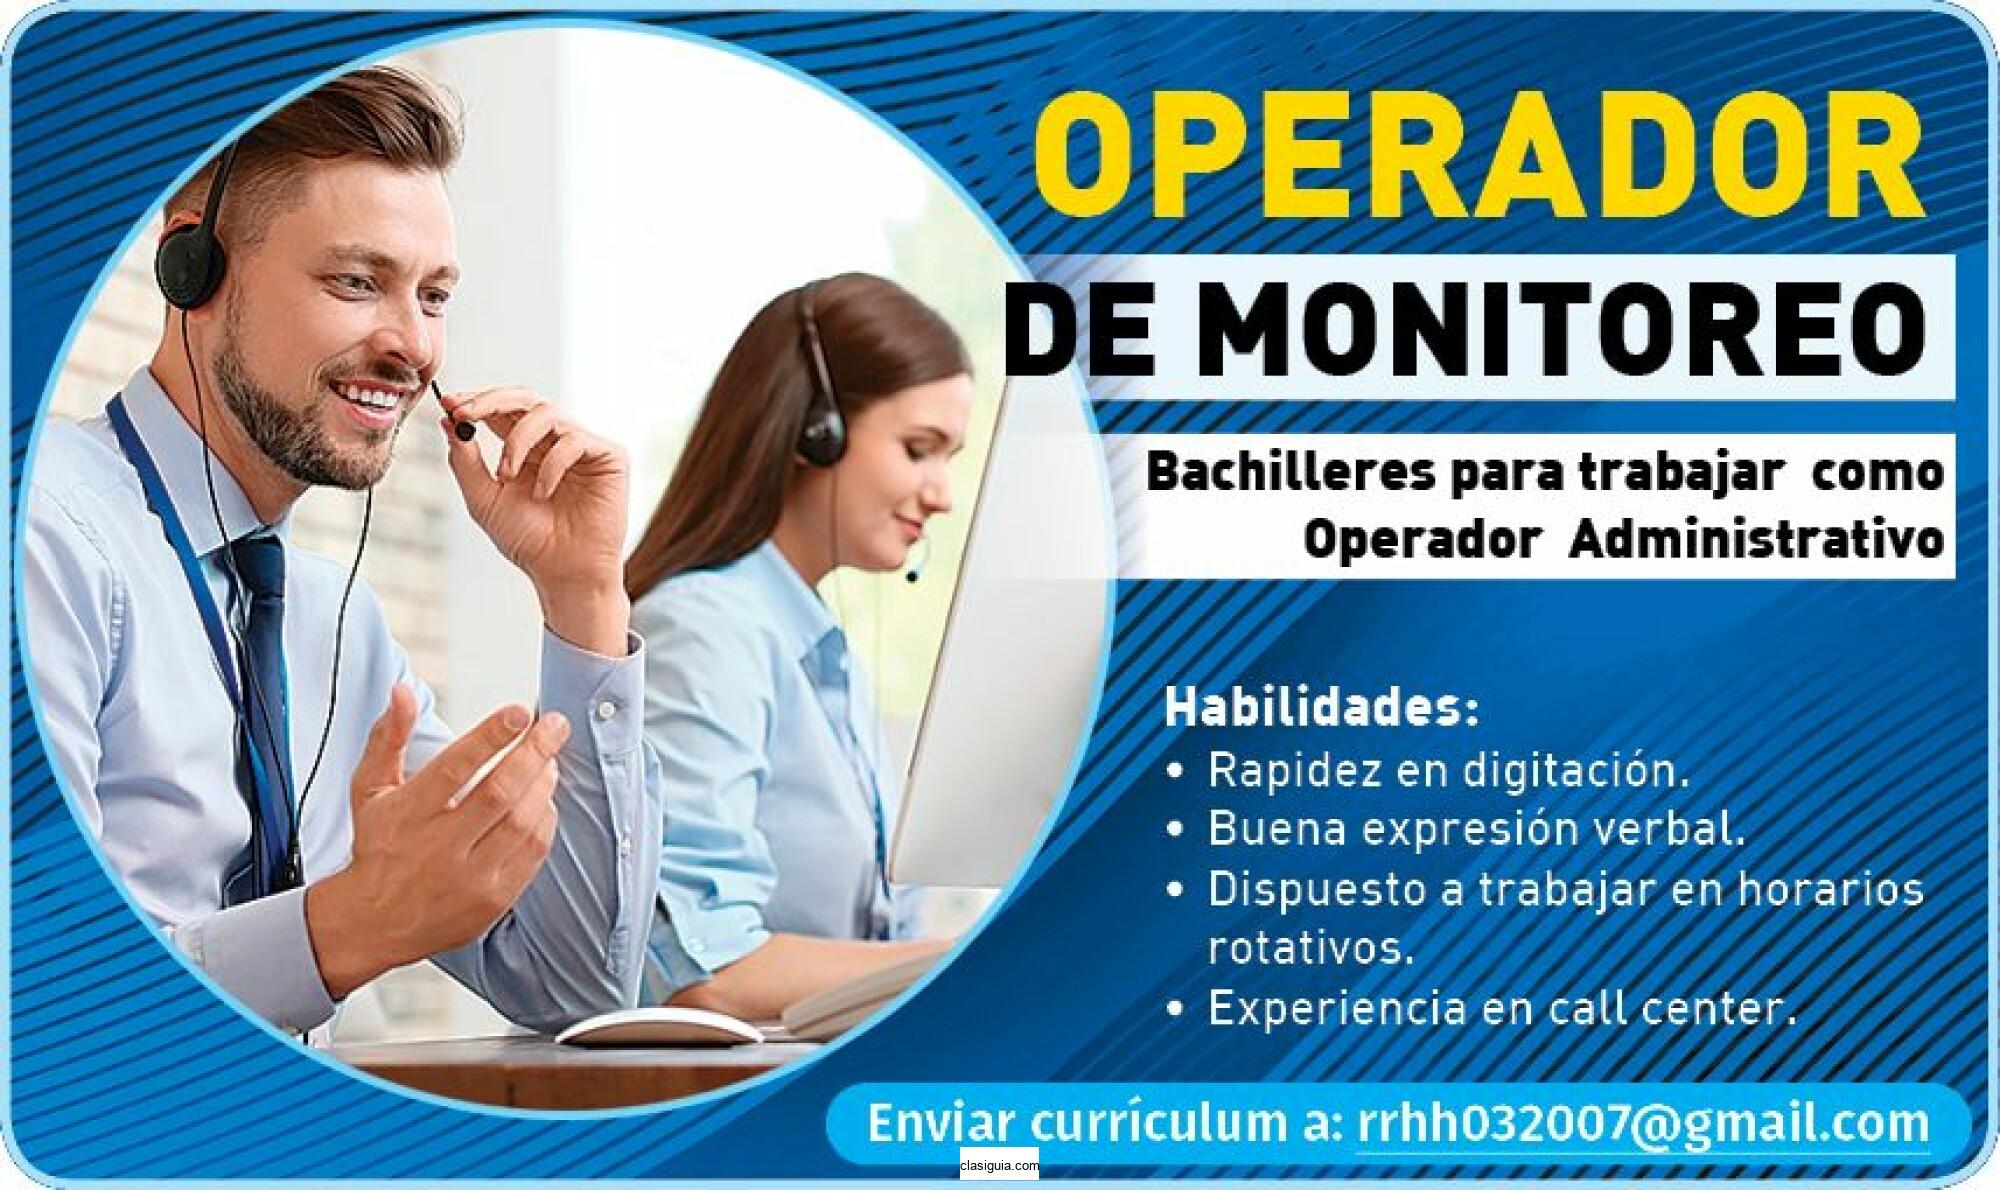 OPERADOR DE MONITOREO